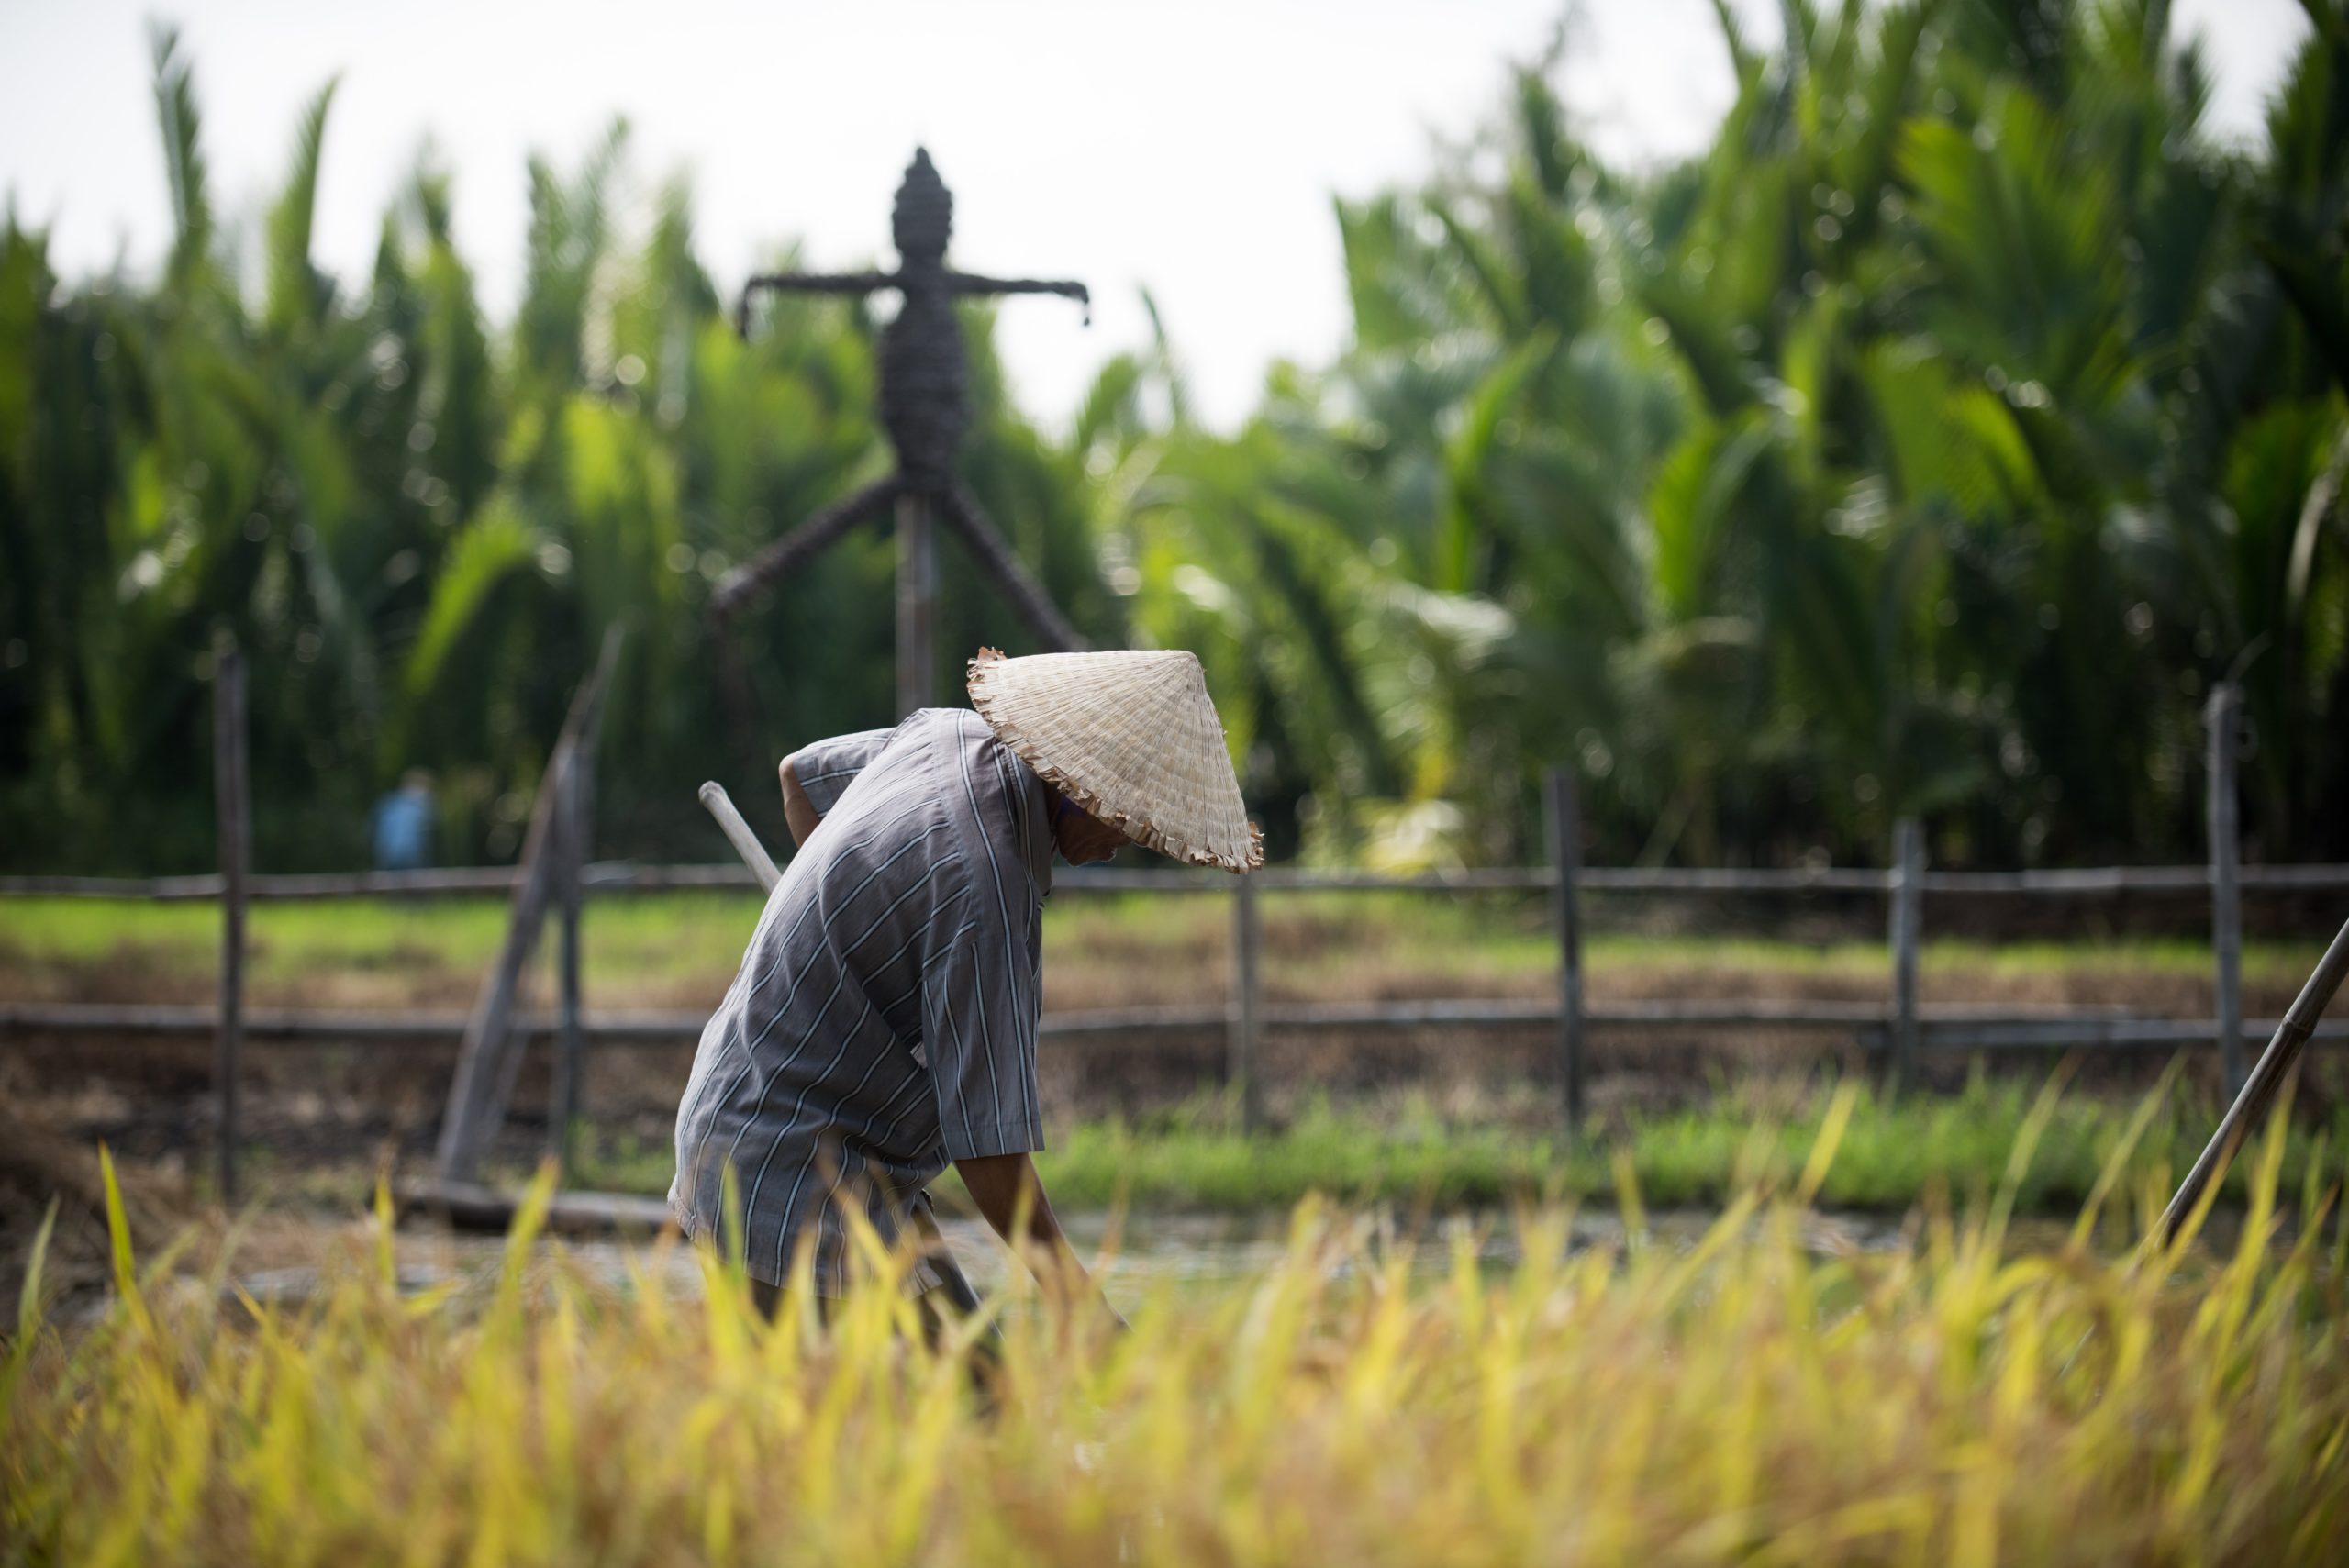 เตรียมรับเงิน 5000 บาท เยียวยาเกษตรกร พรุ่งนี้